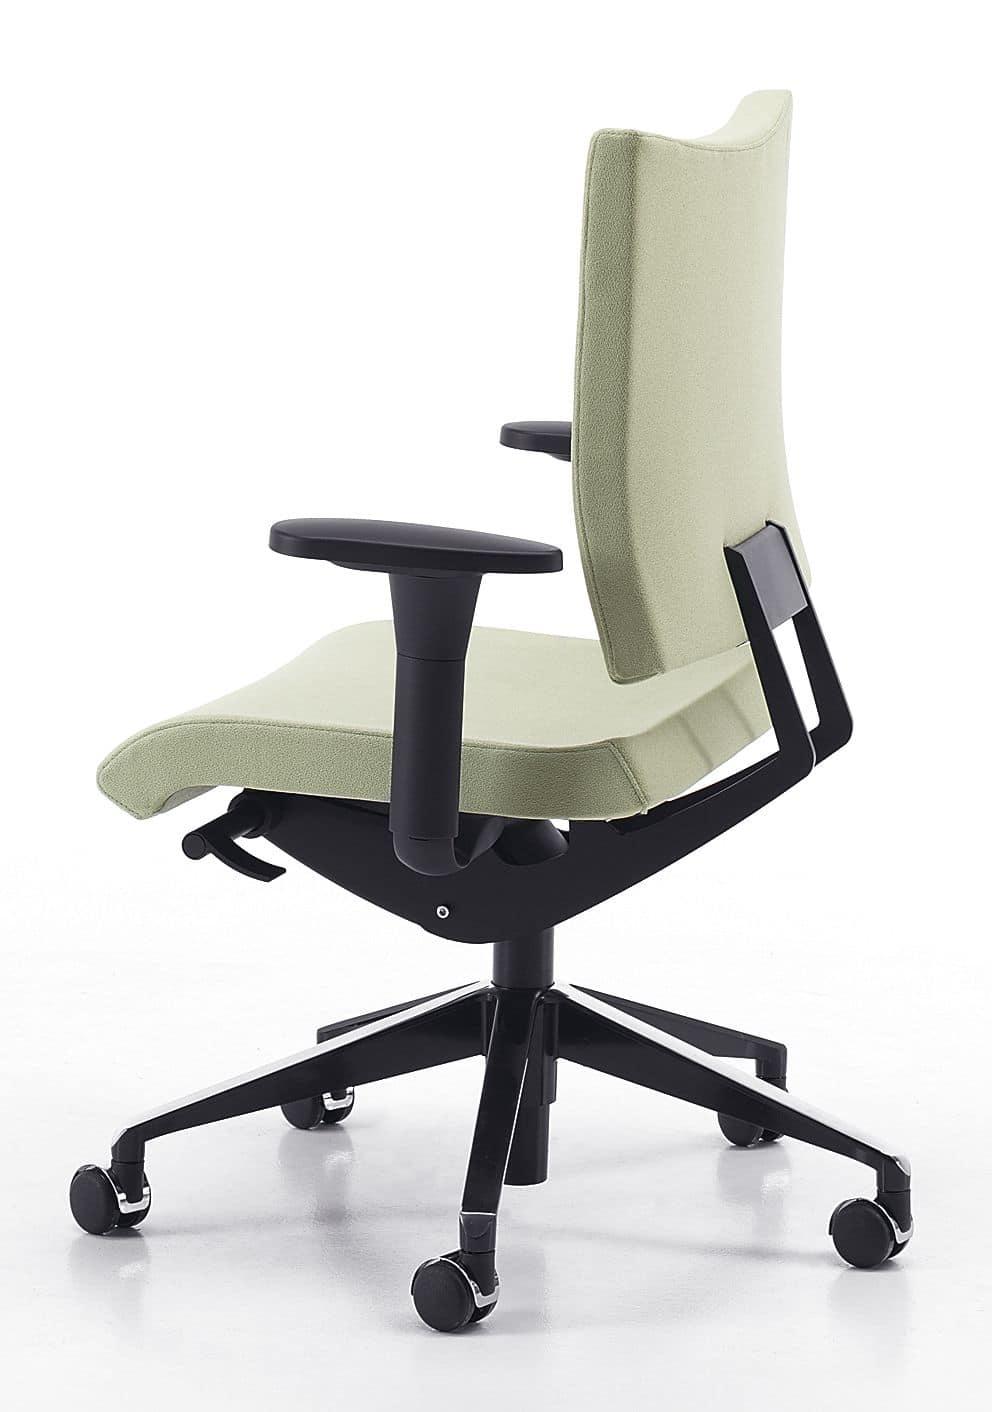 Sedia operativa con braccioli, traslatore di seduta  IDFdesign